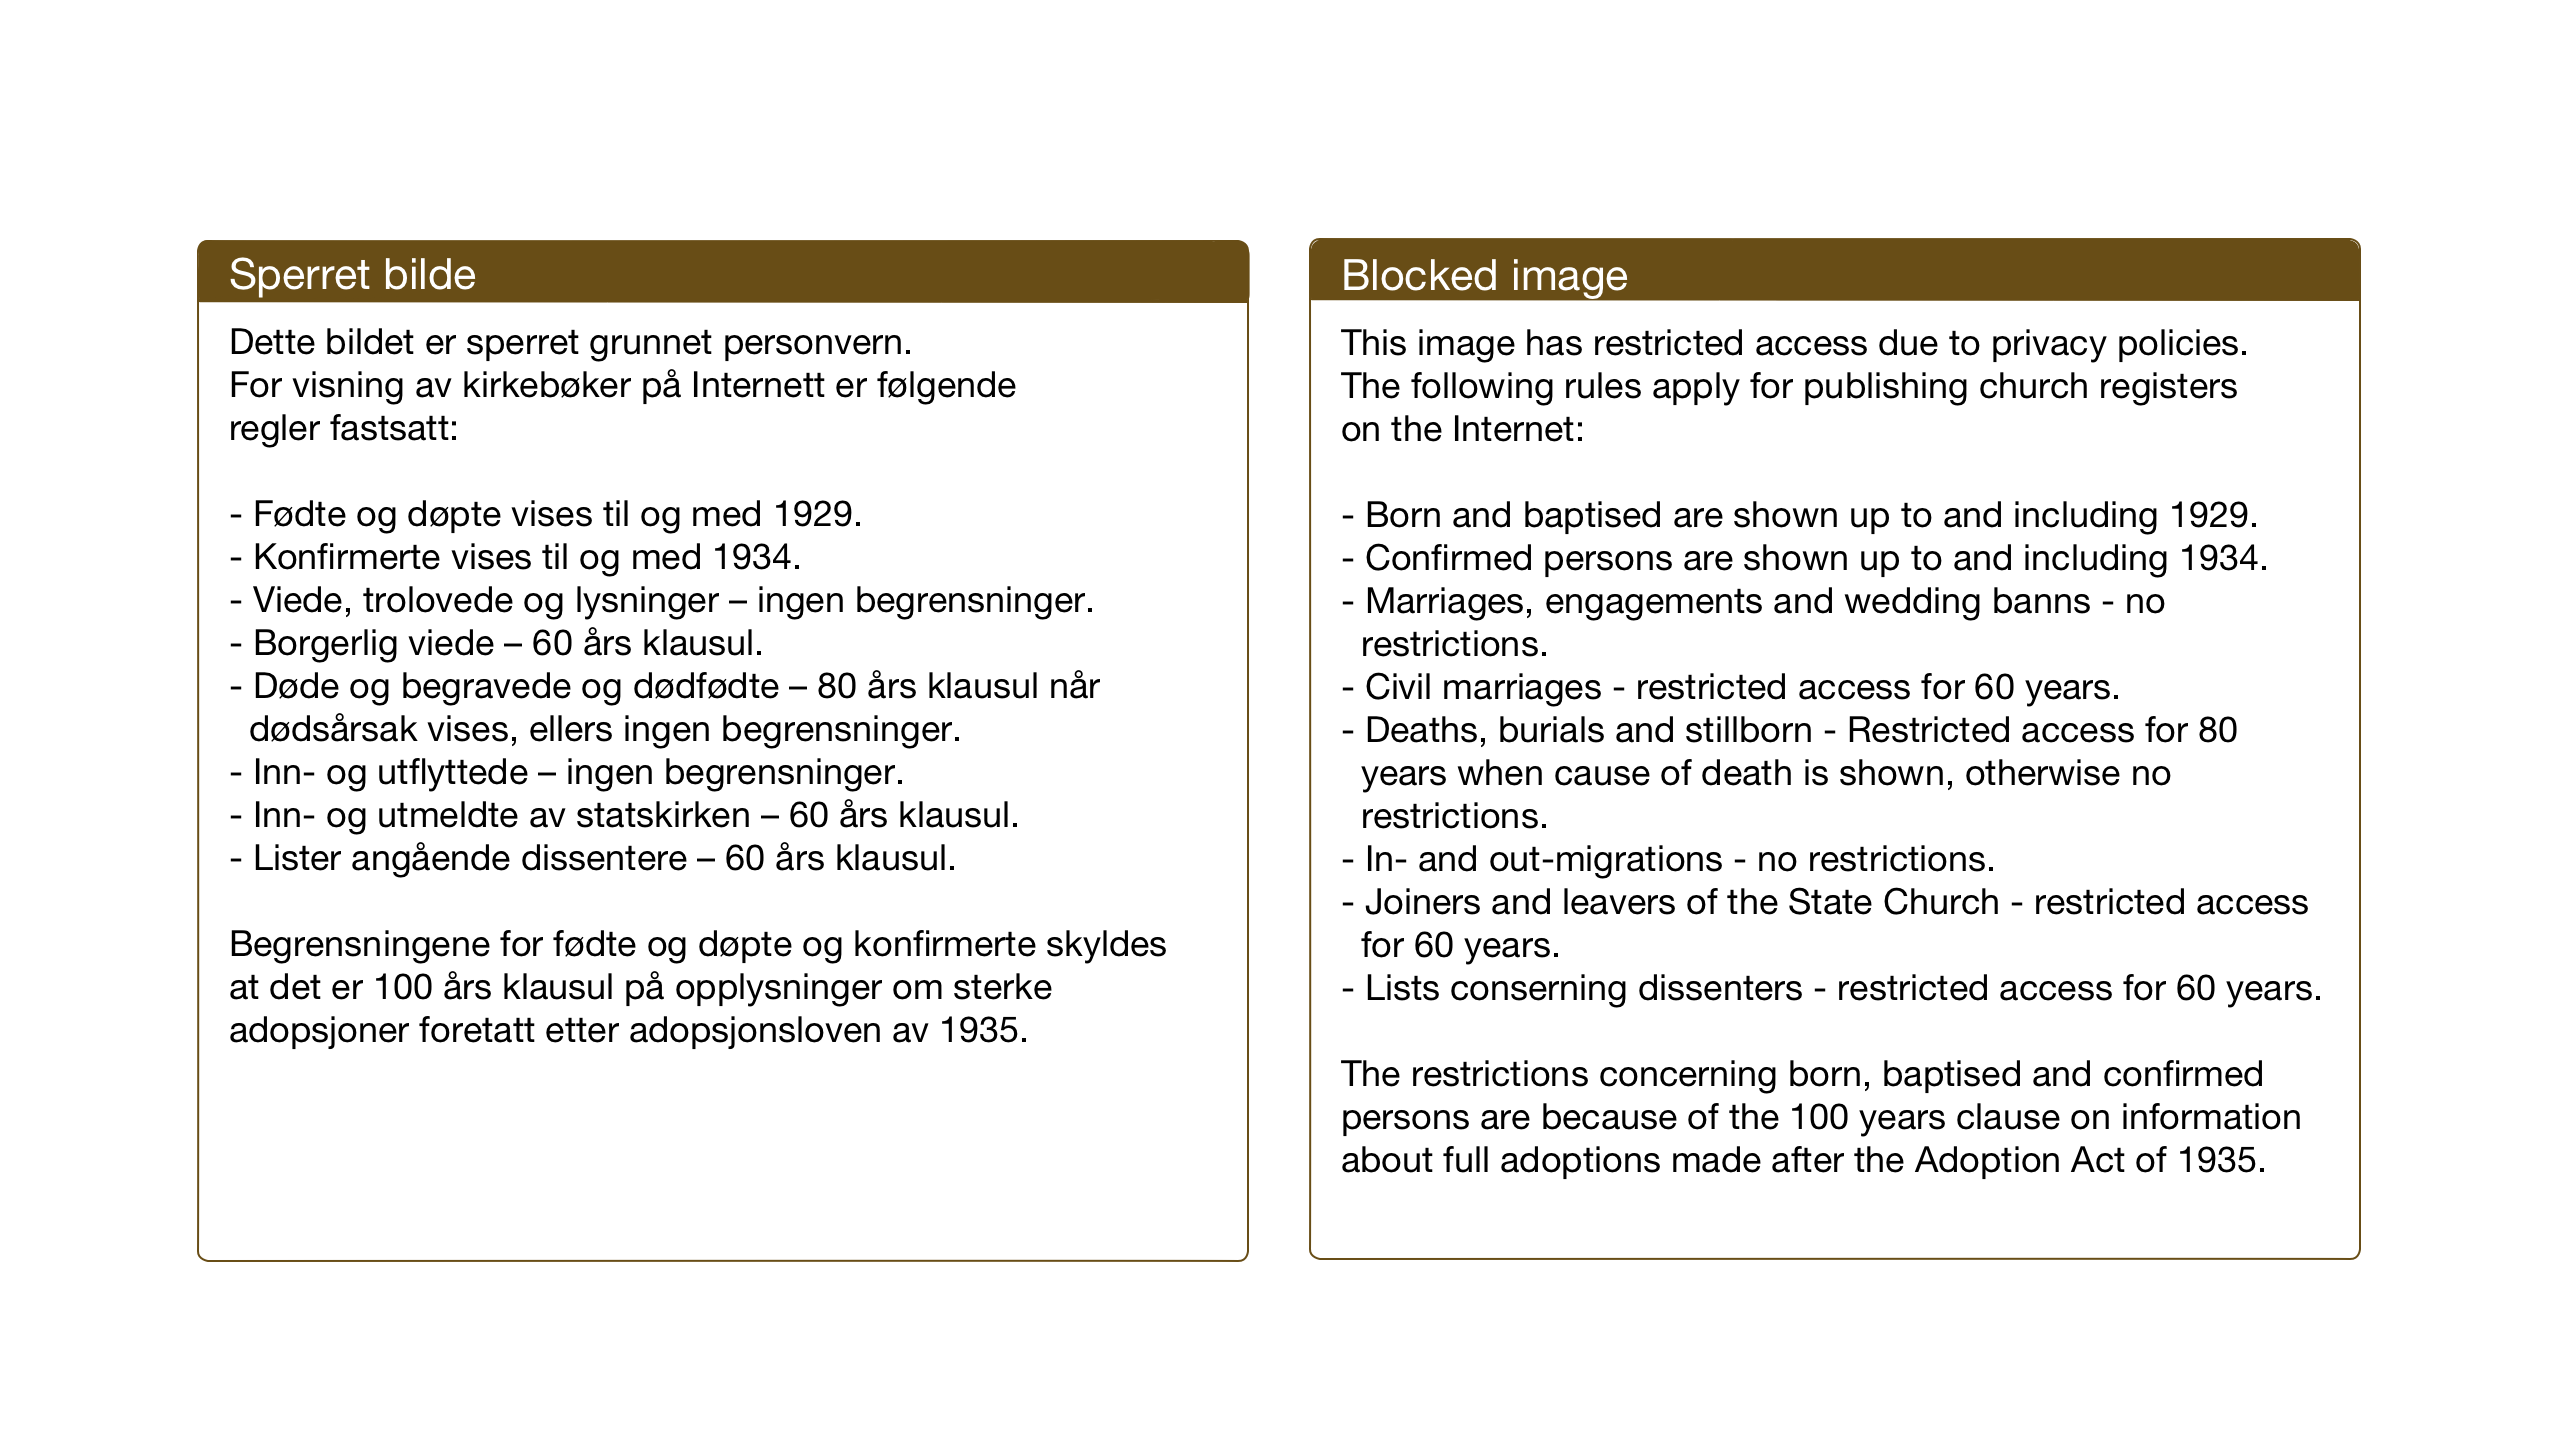 SAT, Ministerialprotokoller, klokkerbøker og fødselsregistre - Sør-Trøndelag, 638/L0569: Klokkerbok nr. 638C01, 1923-1961, s. 46